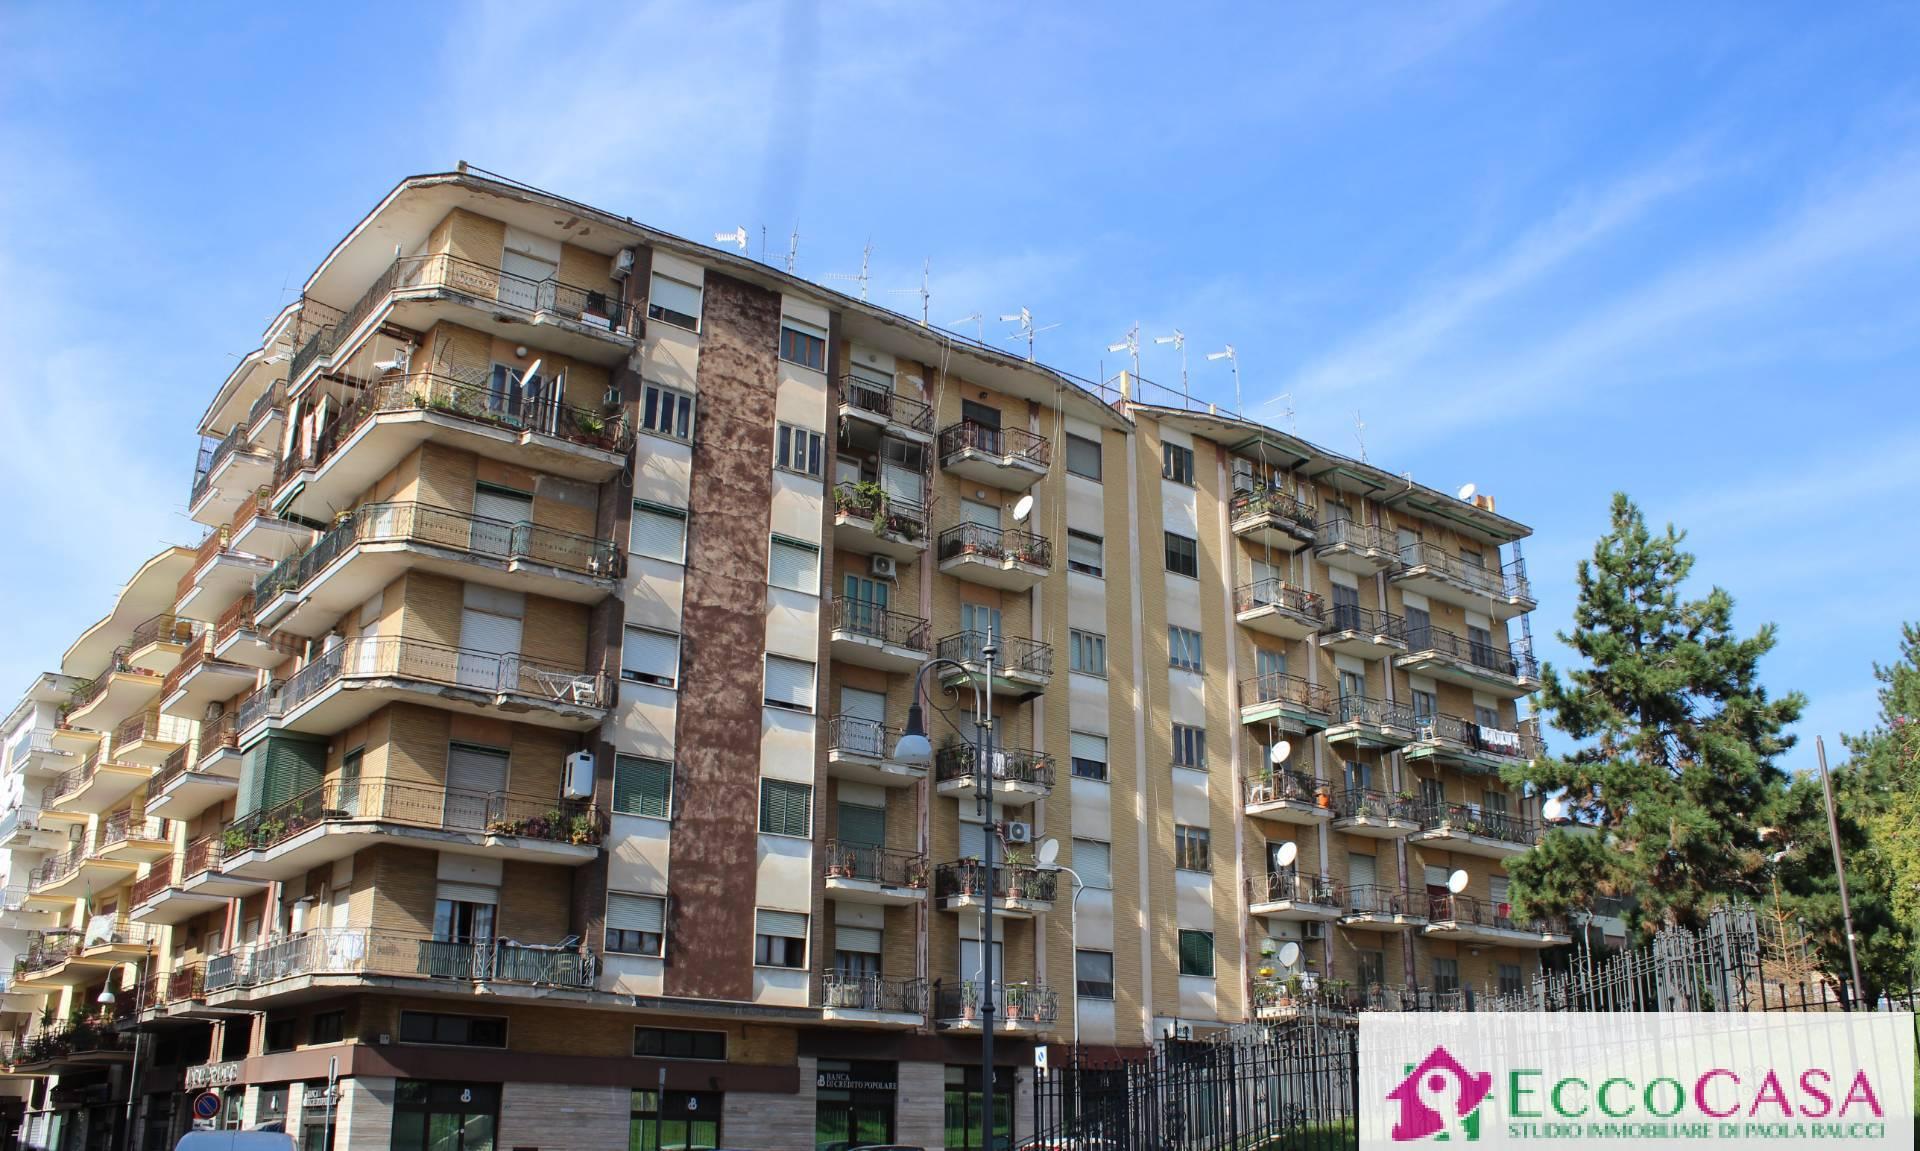 Appartamento in vendita a Maddaloni, 3 locali, prezzo € 47.000   CambioCasa.it